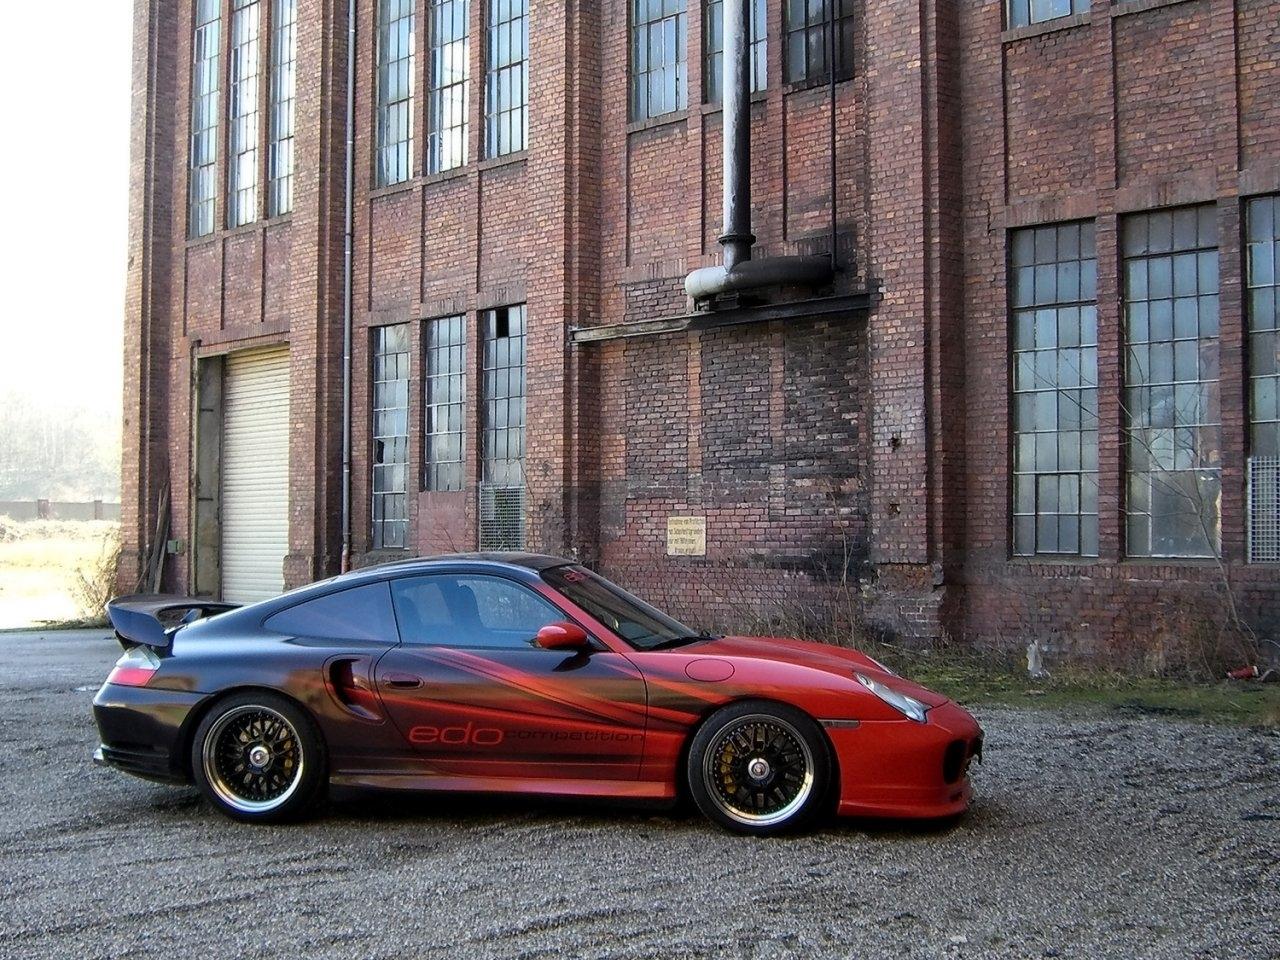 44765 скачать обои Транспорт, Машины, Порш (Porsche) - заставки и картинки бесплатно